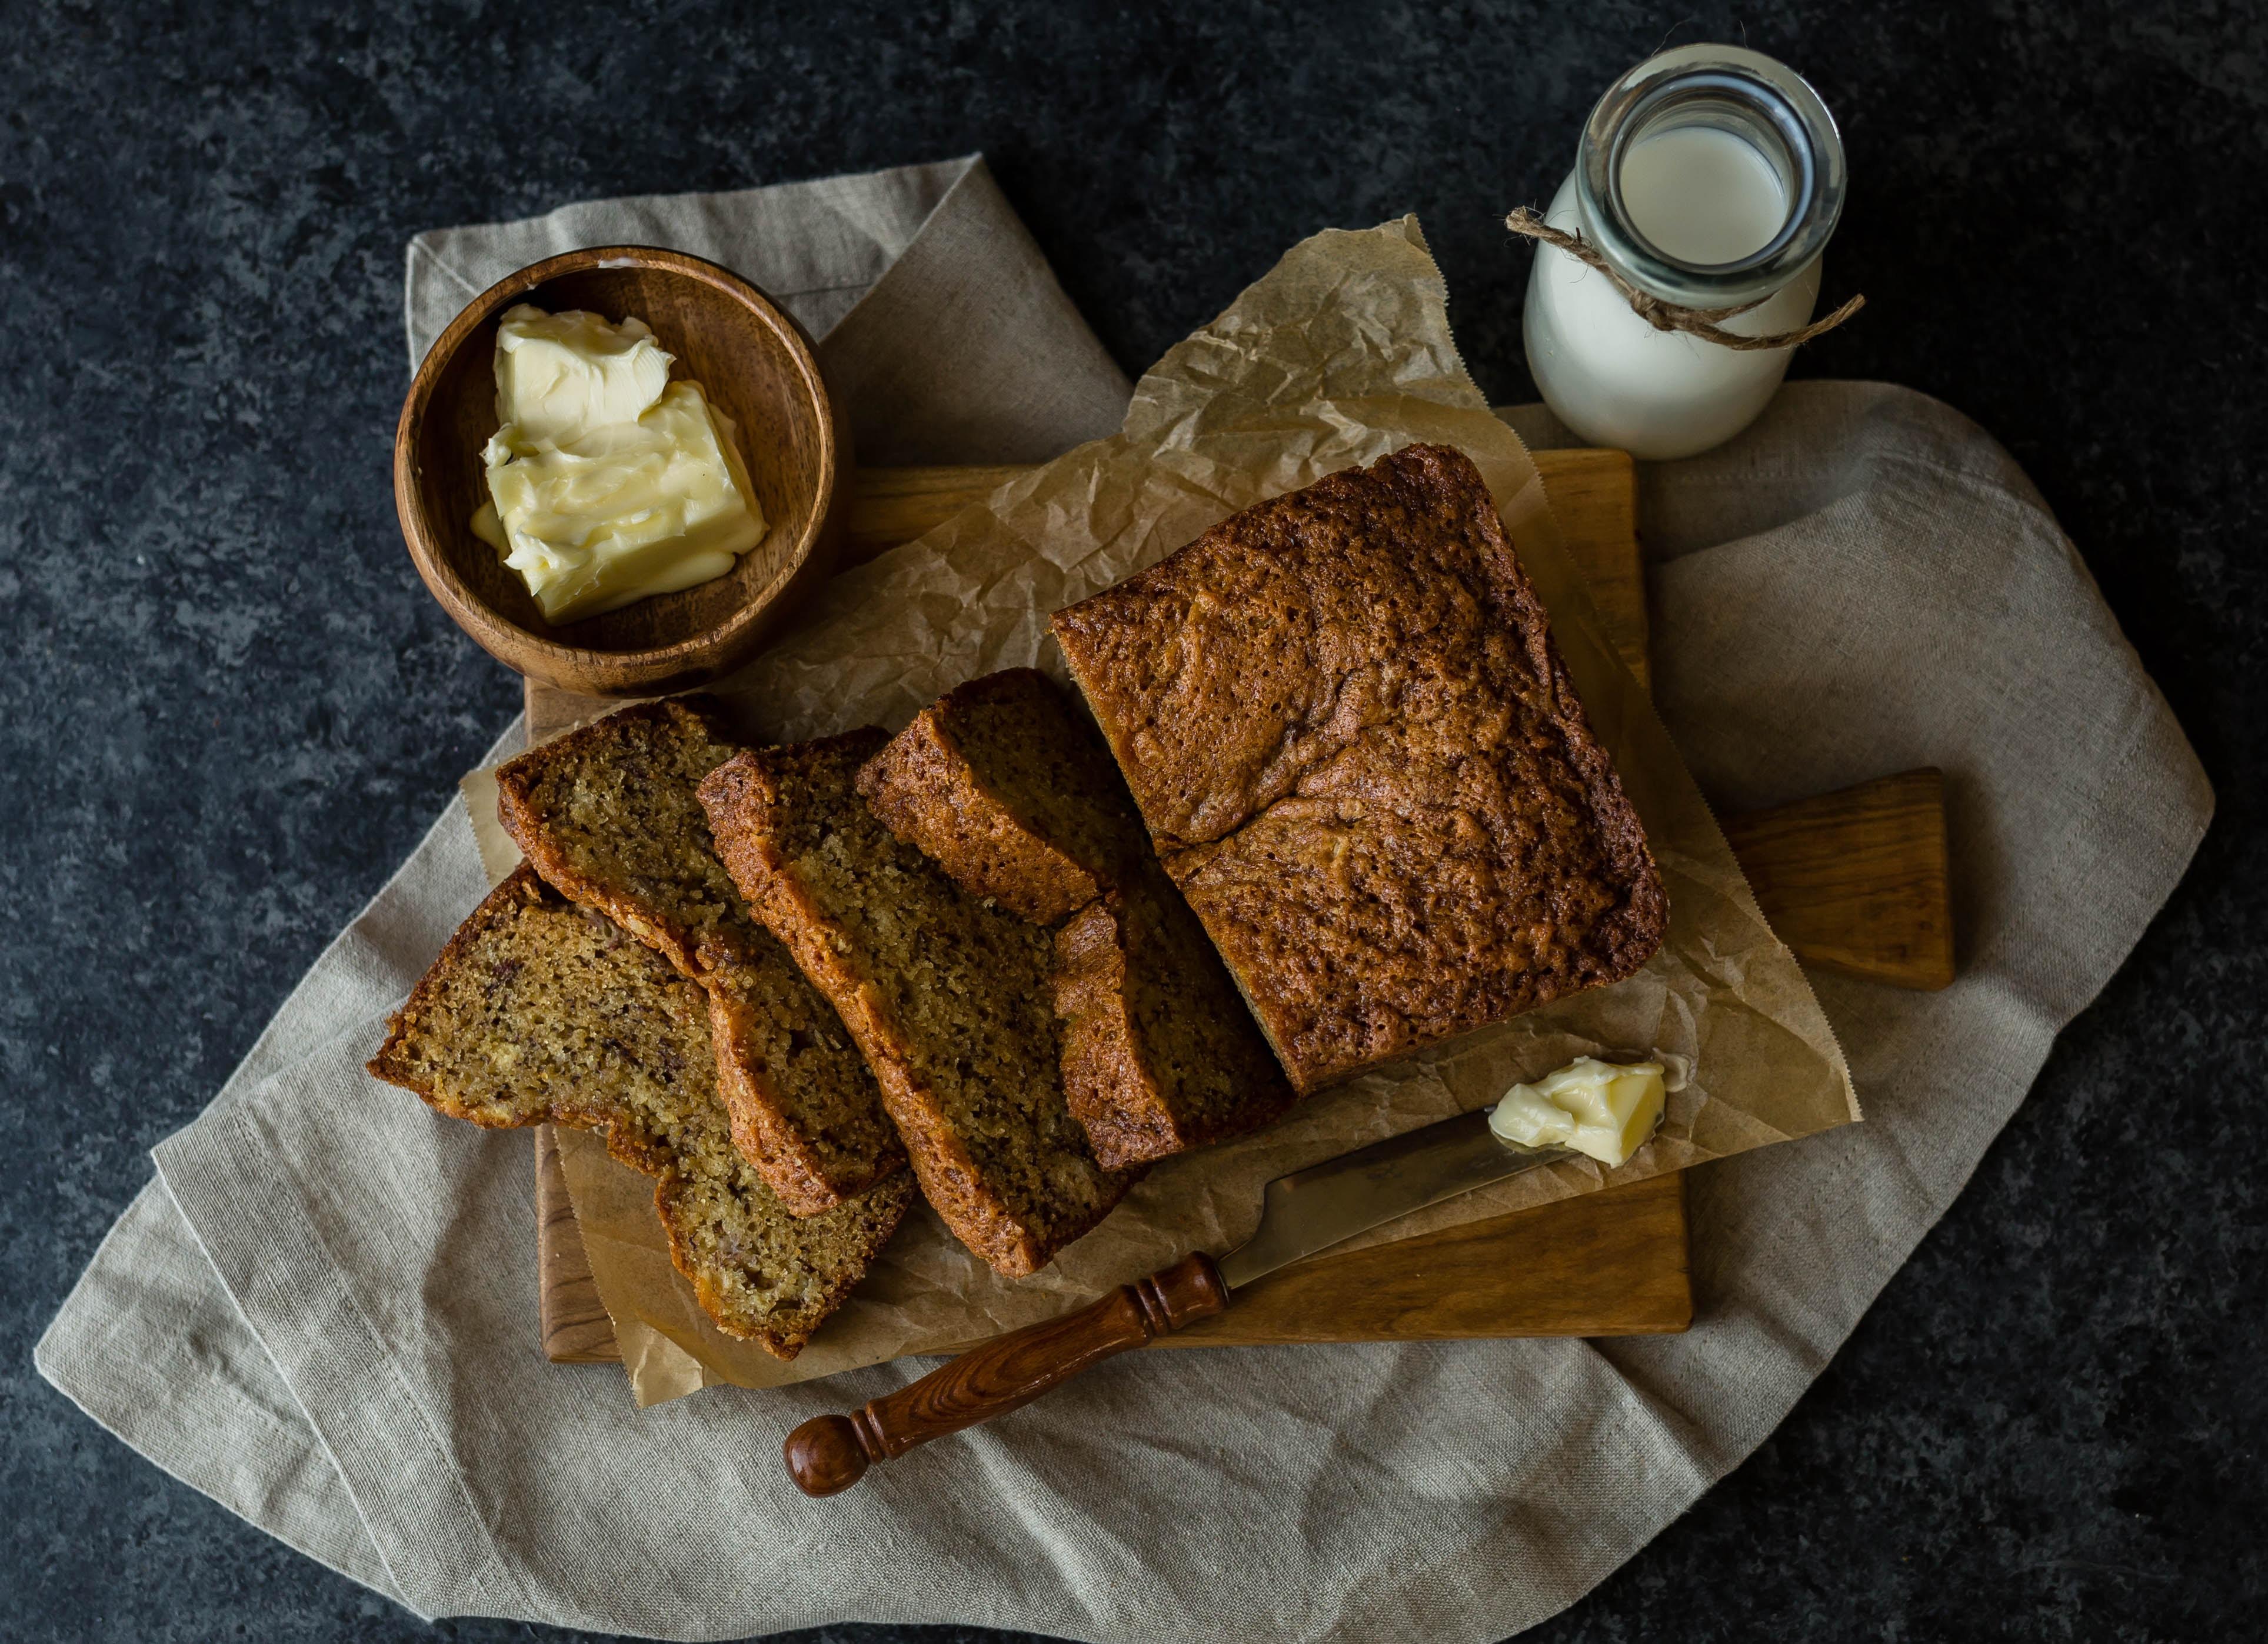 Domowe pieczywo ziarniste - alternatywa dla sklepowego chleba